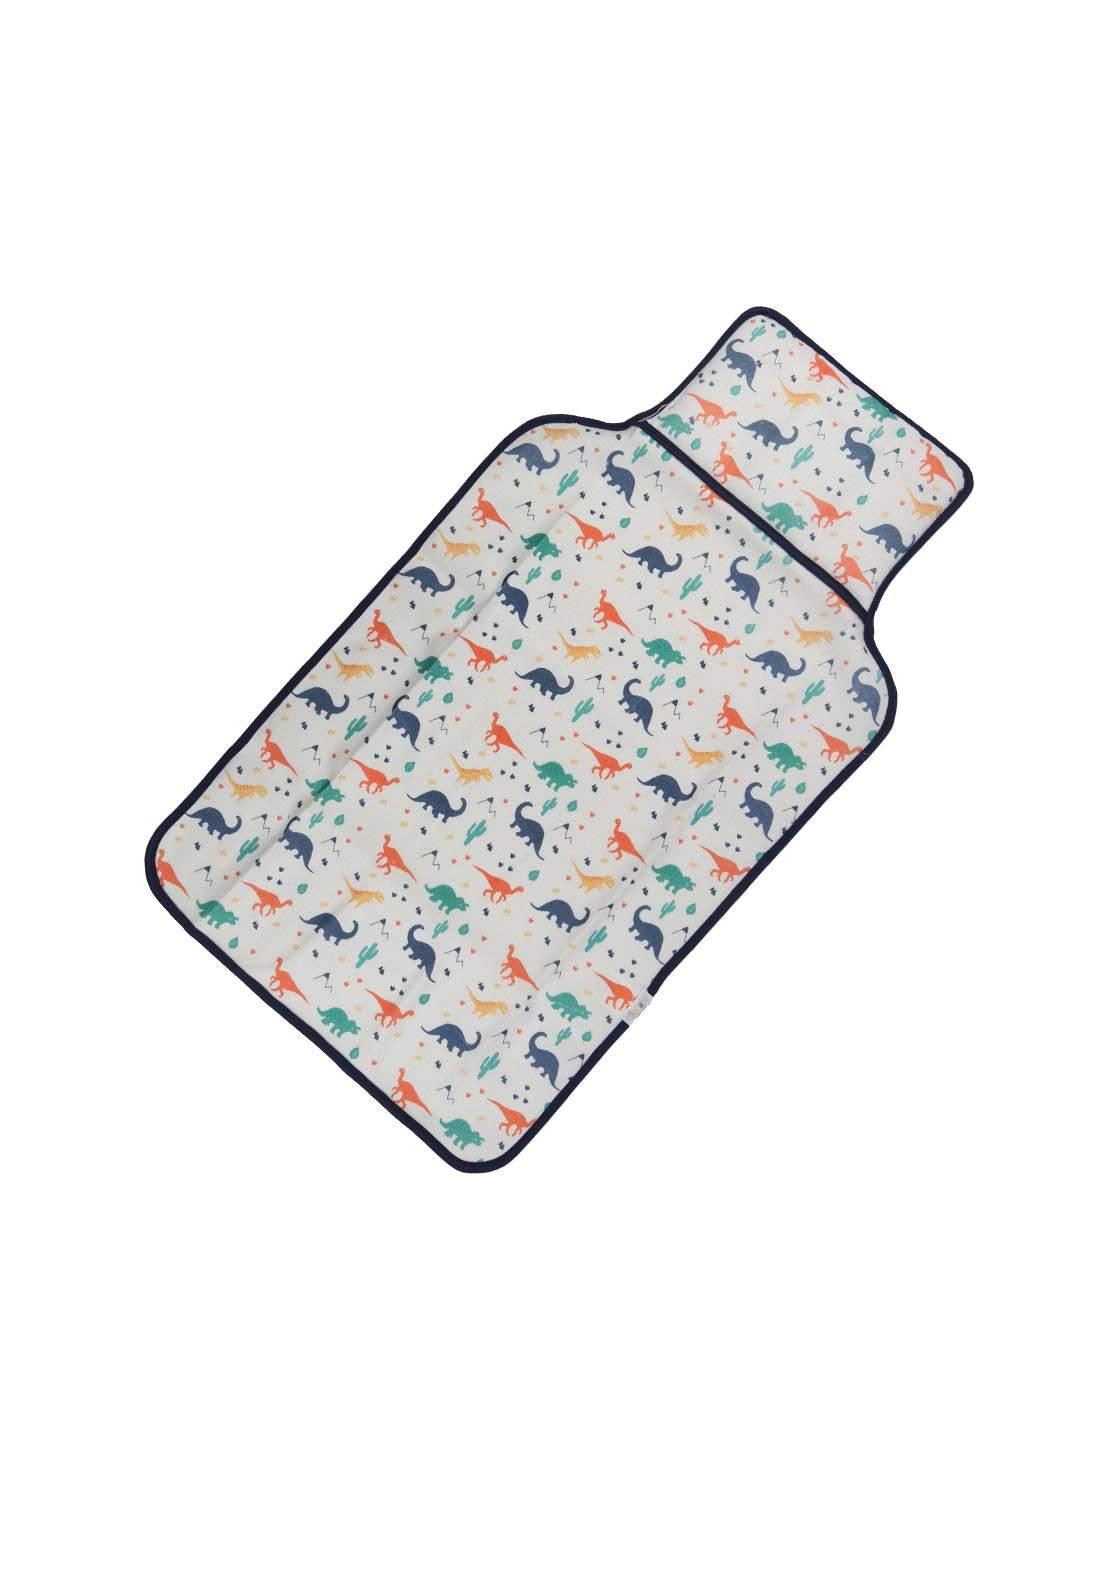 سرير للاطفال حديثي الولادة ابيض ونيلي اللون 6009